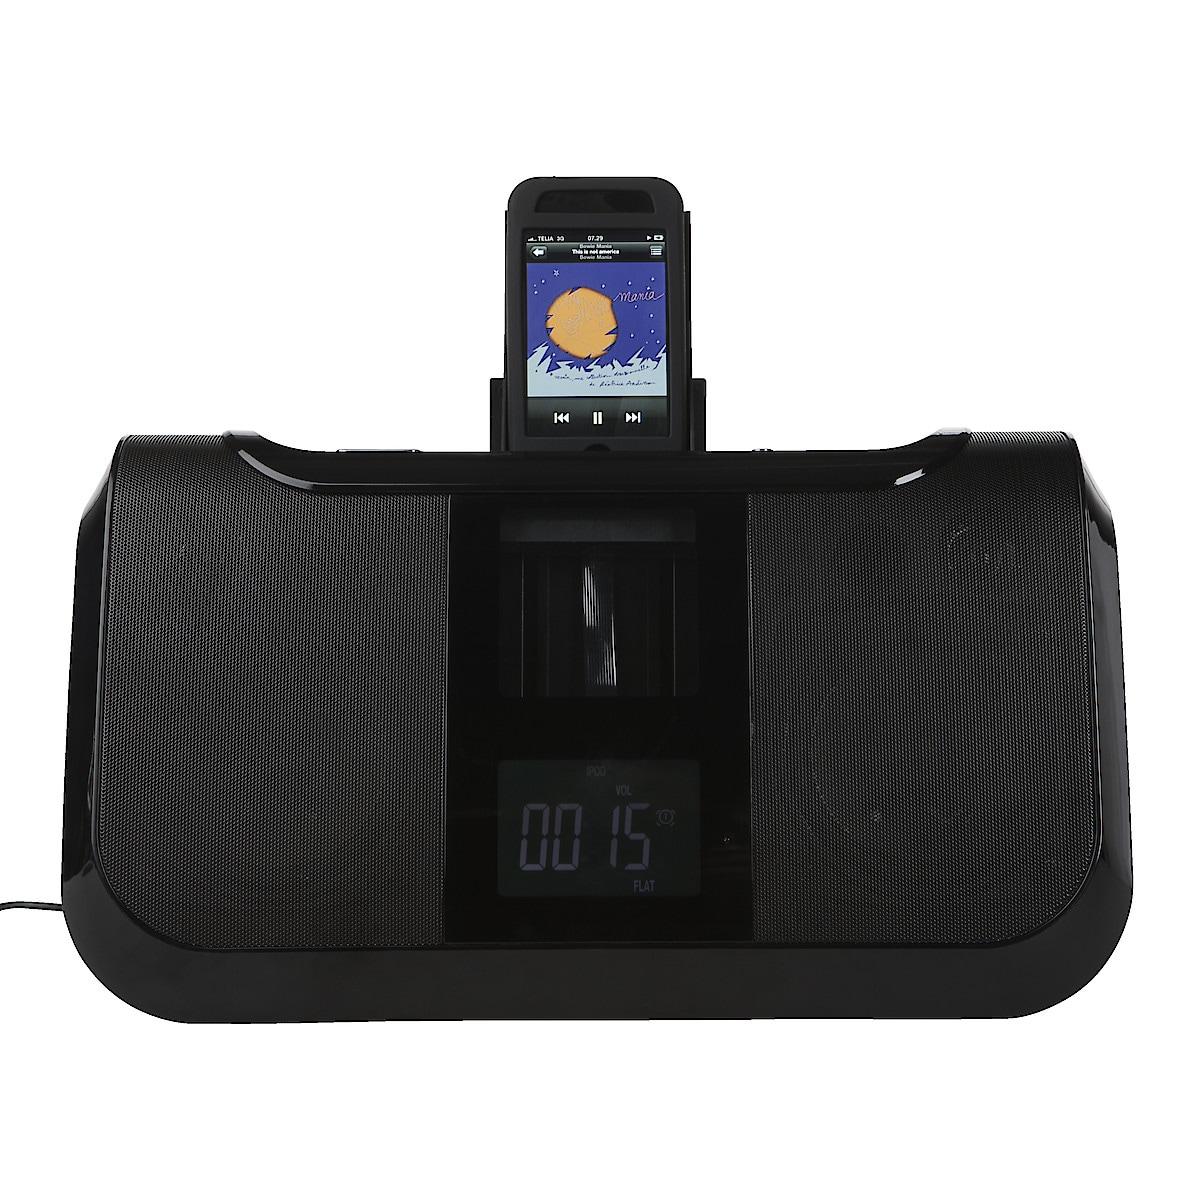 iPodhögtalare med radio